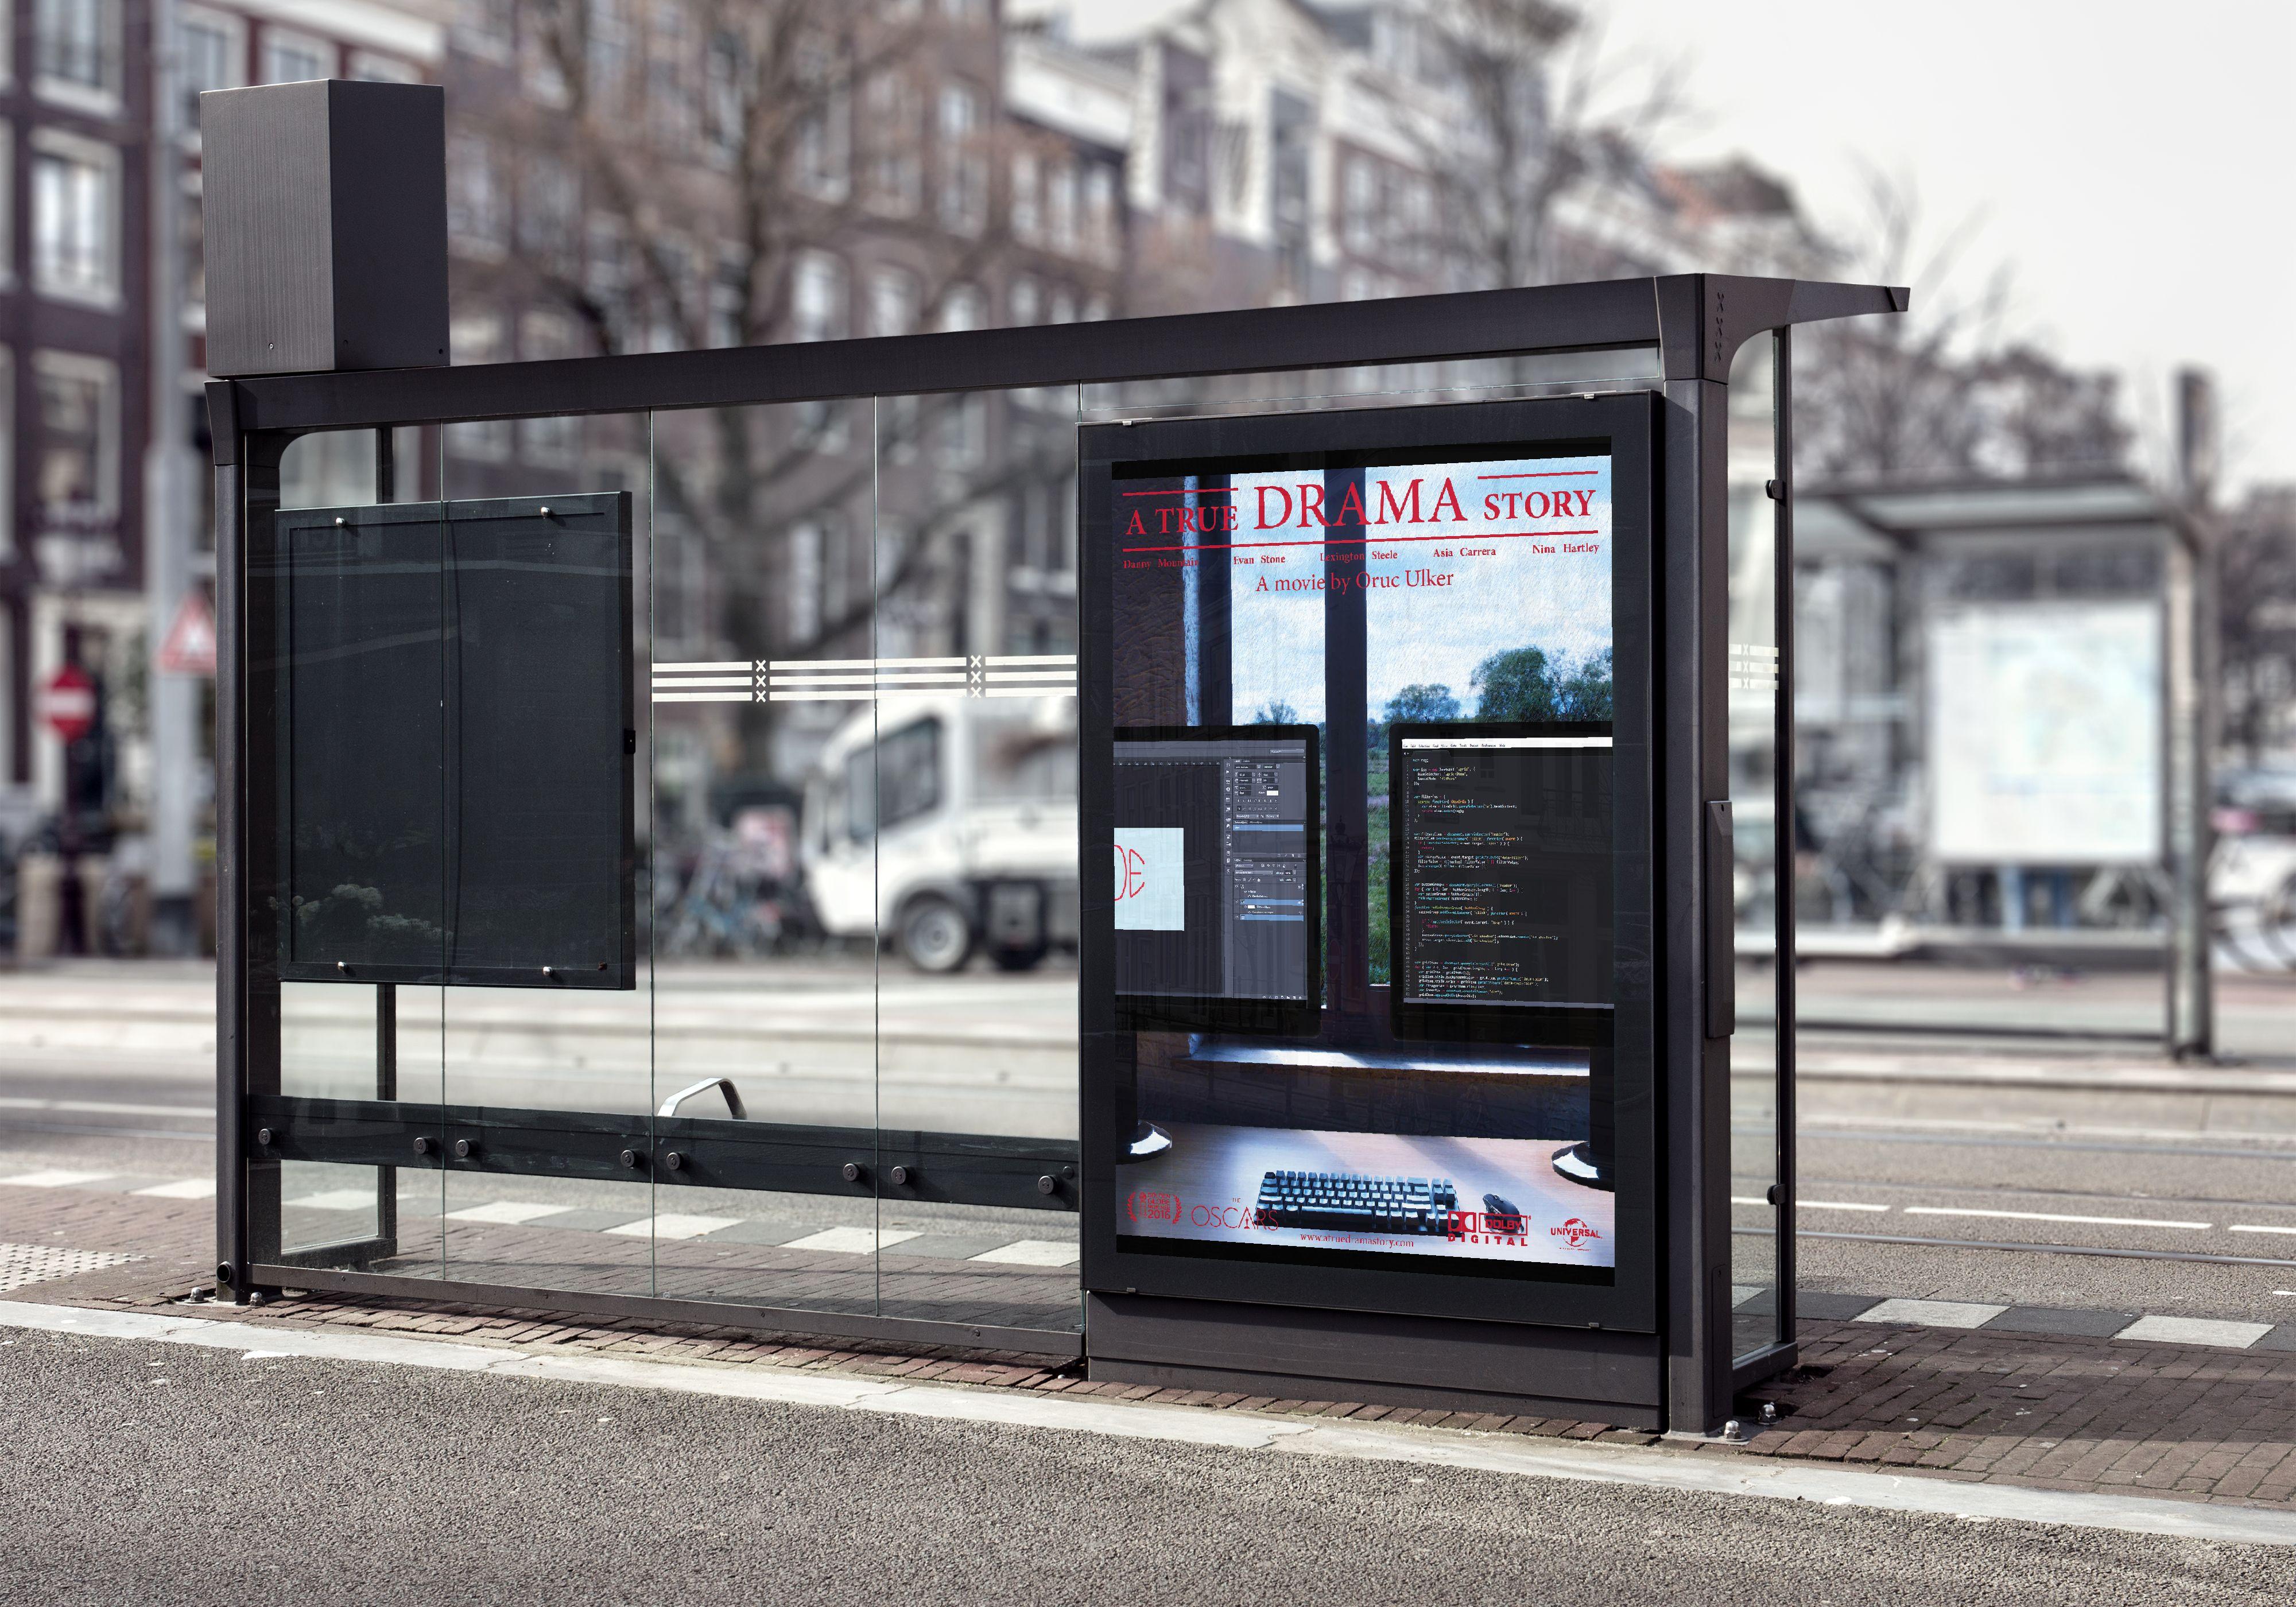 Reclame poster 2 op een bus halte.